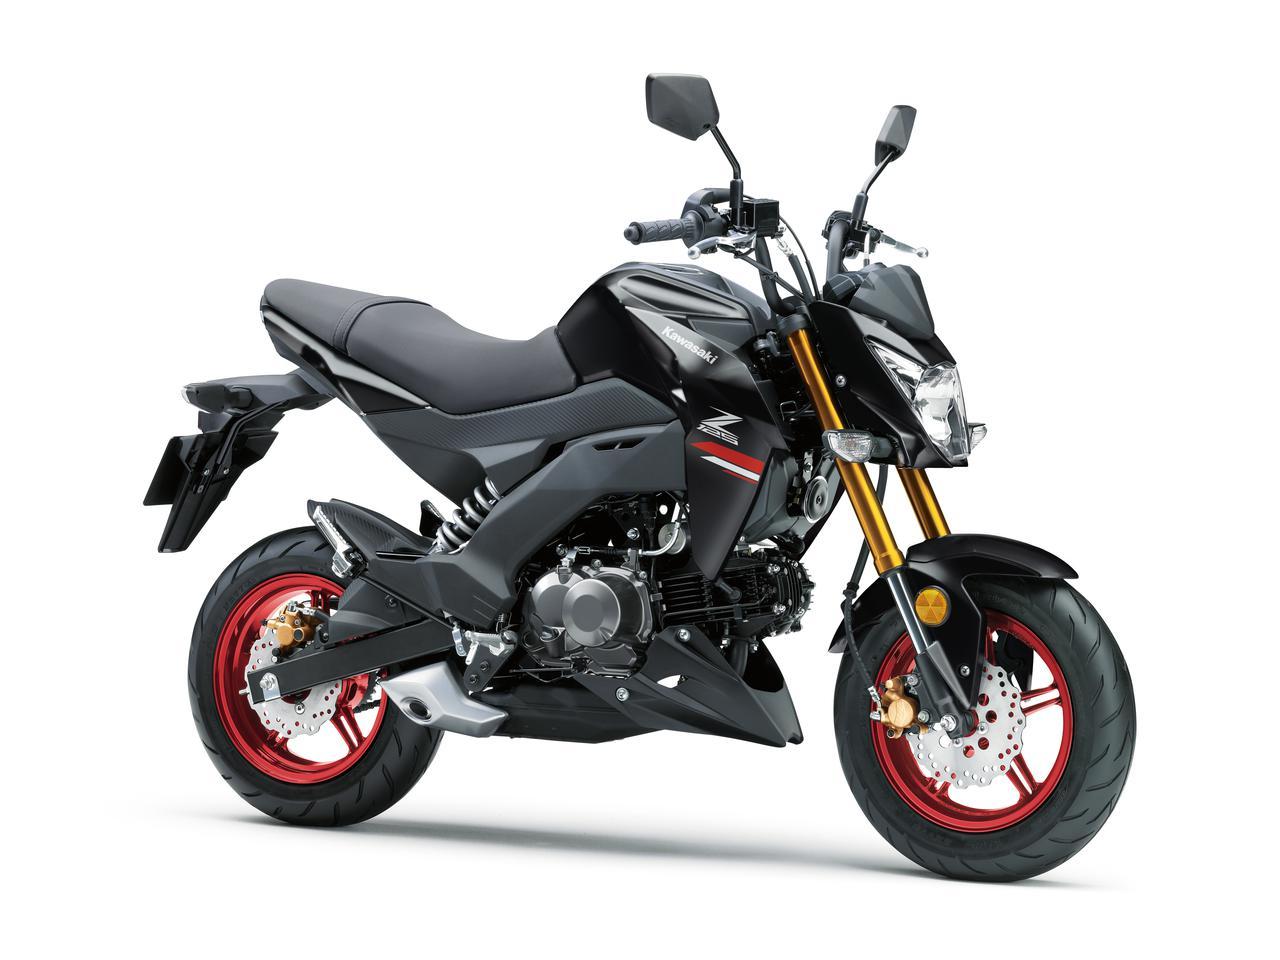 画像: Kawasaki Z125 PRO 総排気量:124cc エンジン形式:空冷4ストSOHC2バルブ単気筒 シート高:780mm 車両重量:102kg 写真のカラー:メタリックフラットスパークブラック (今回のプレゼントキャンペーンの車両もこのカラーとなる)